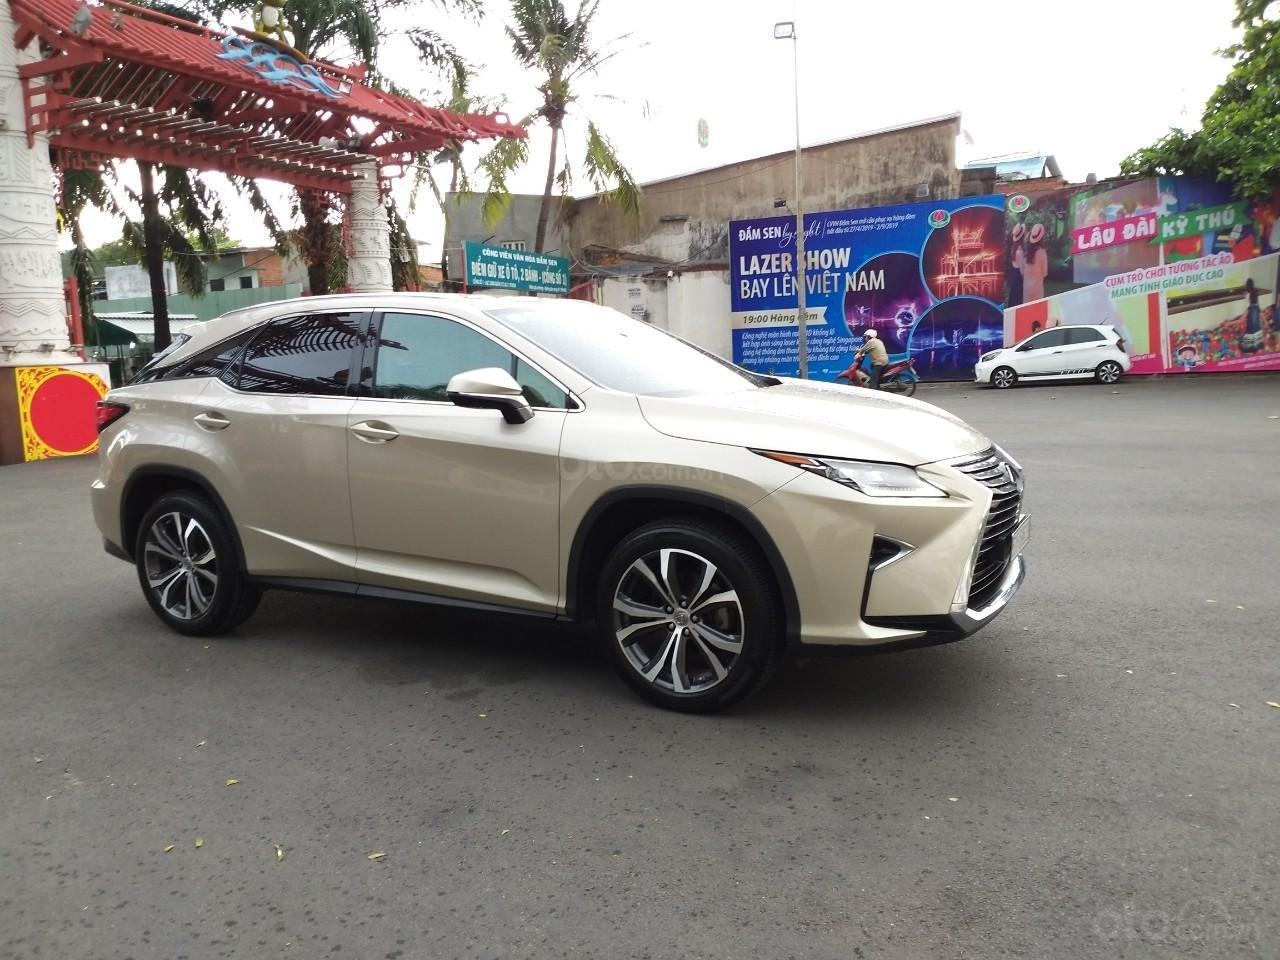 Lexus RX 350 model 2016, màu kem, nhập khẩu chính hãng, xe nhà ít sử dụng còn mới toanh, 3 tỷ 520 triệu-10